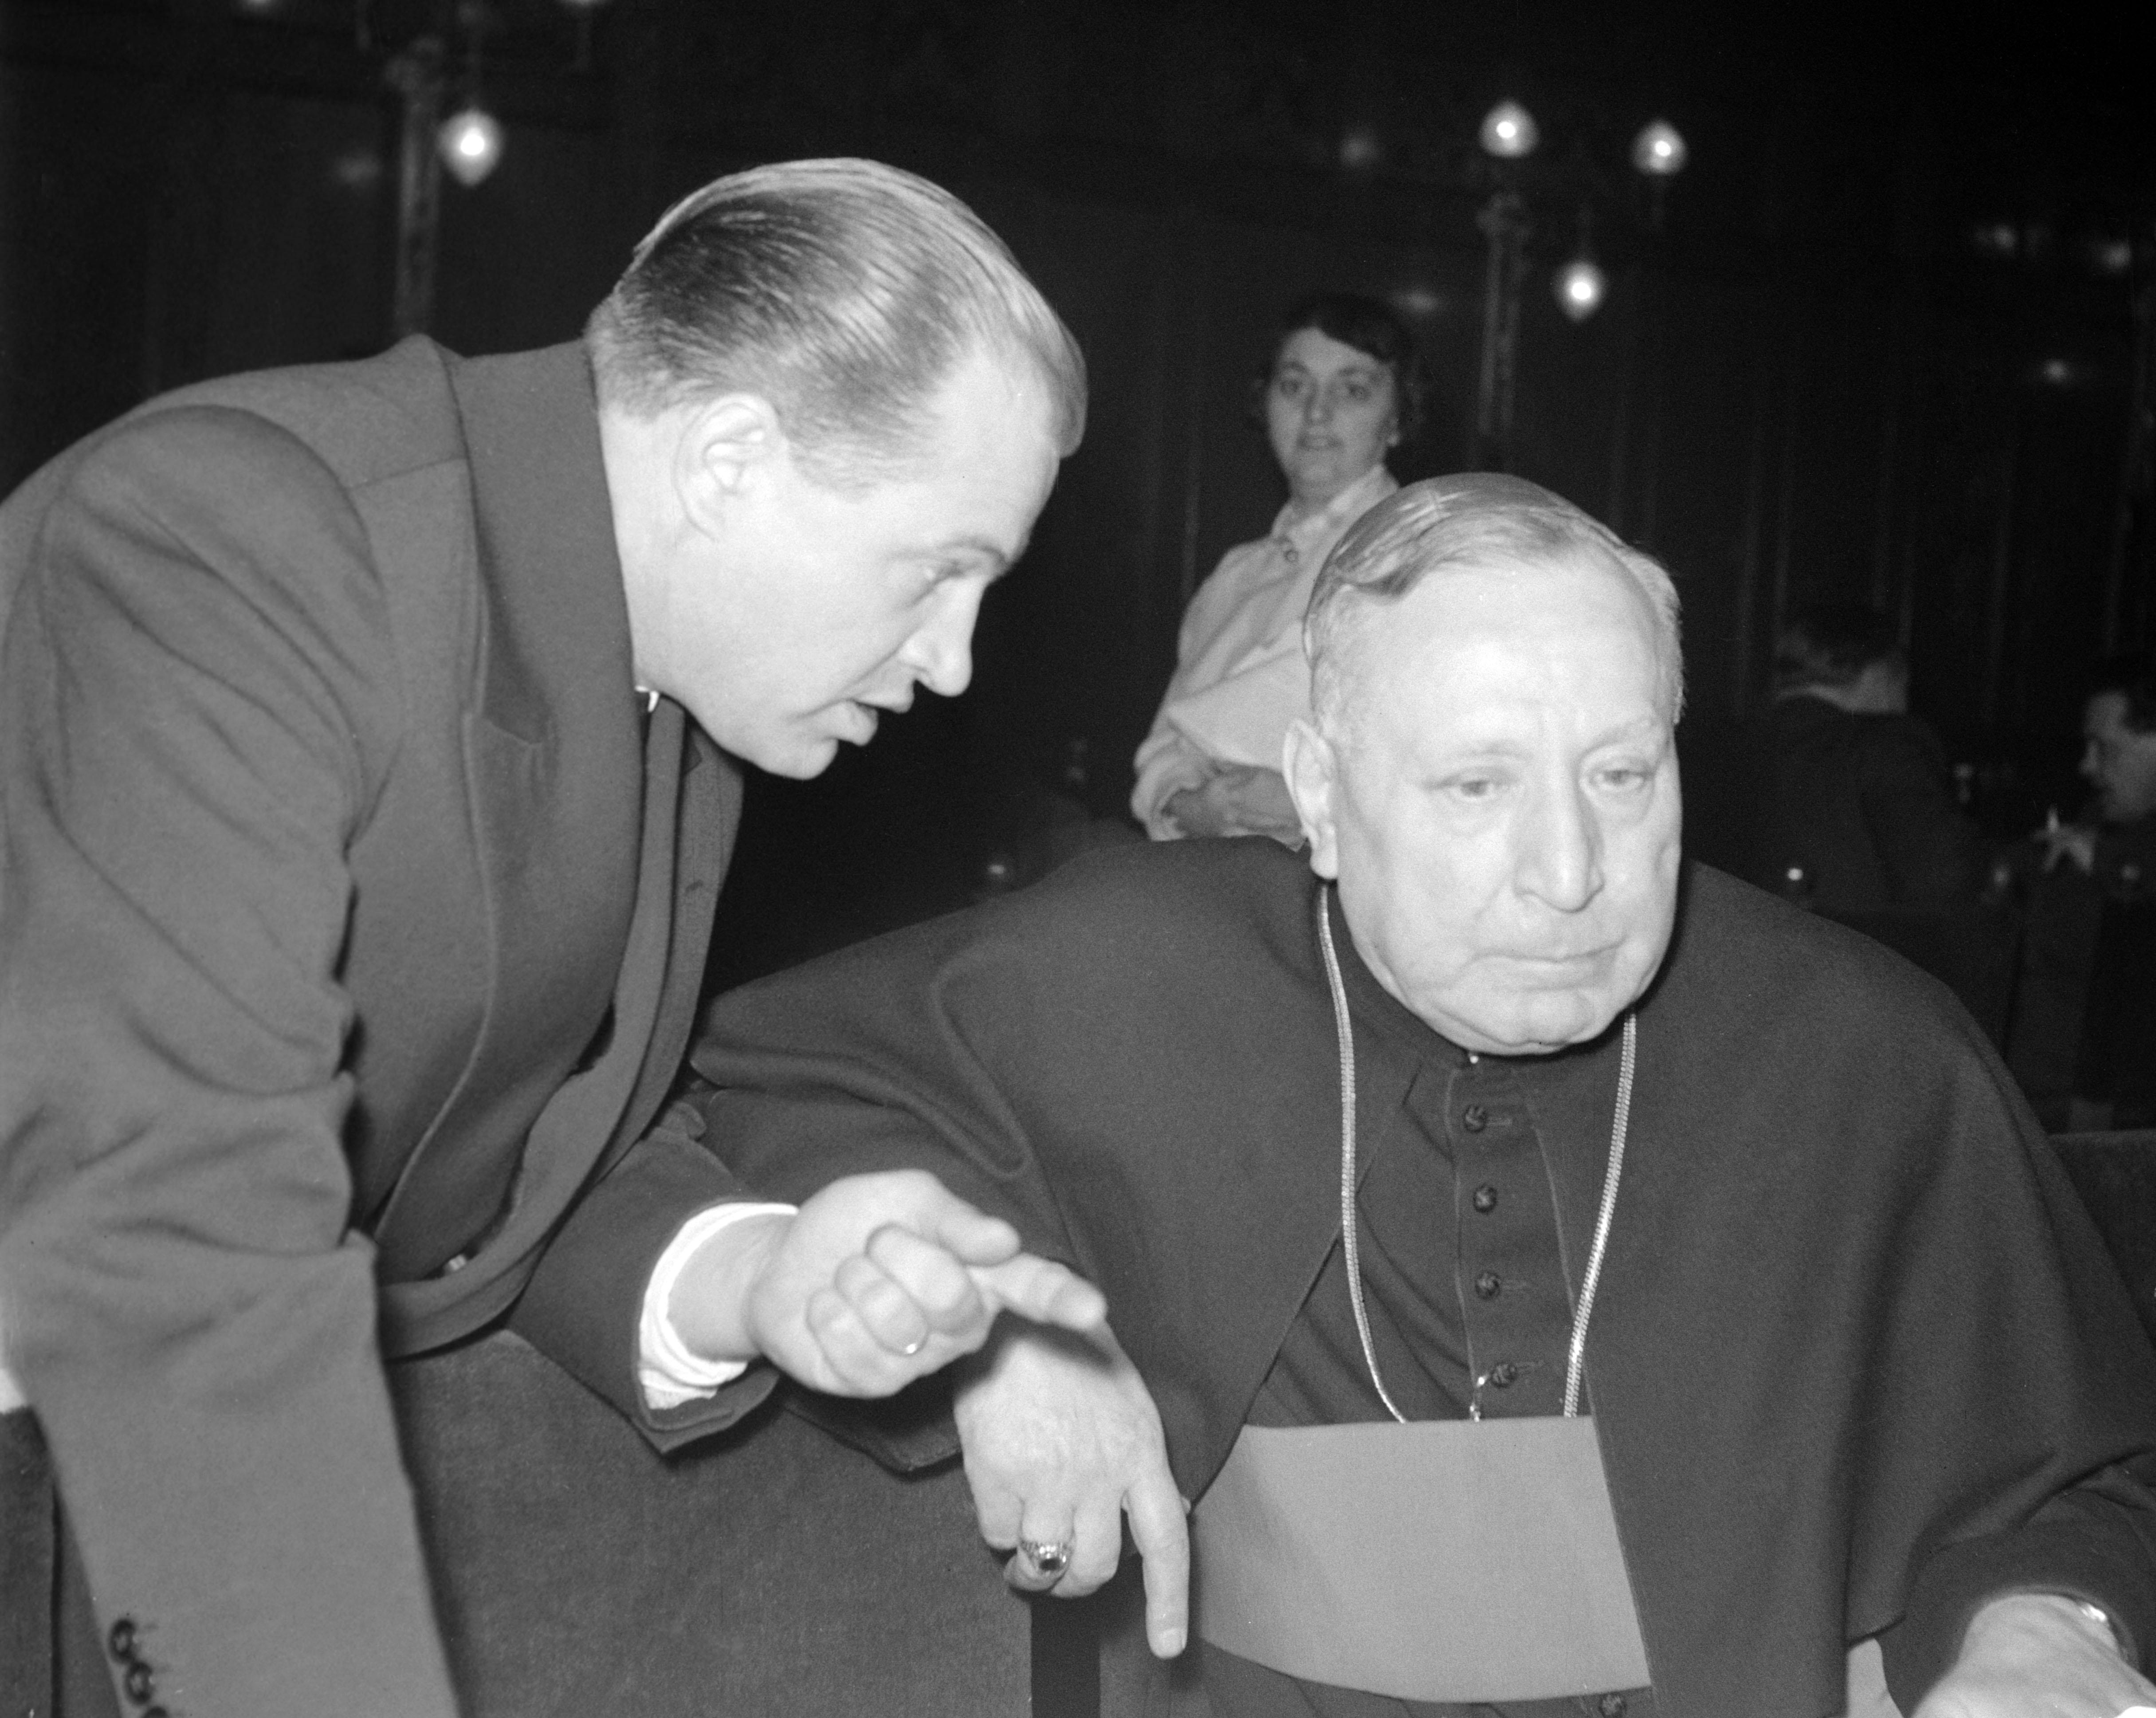 Grősz József kalocsai érsek (j) és Herling Jakab, a Béketanács papi bizottságának titkára az Országos Béketanács ülése szünetében a Parlamentben (1958) / Fotó: MTI